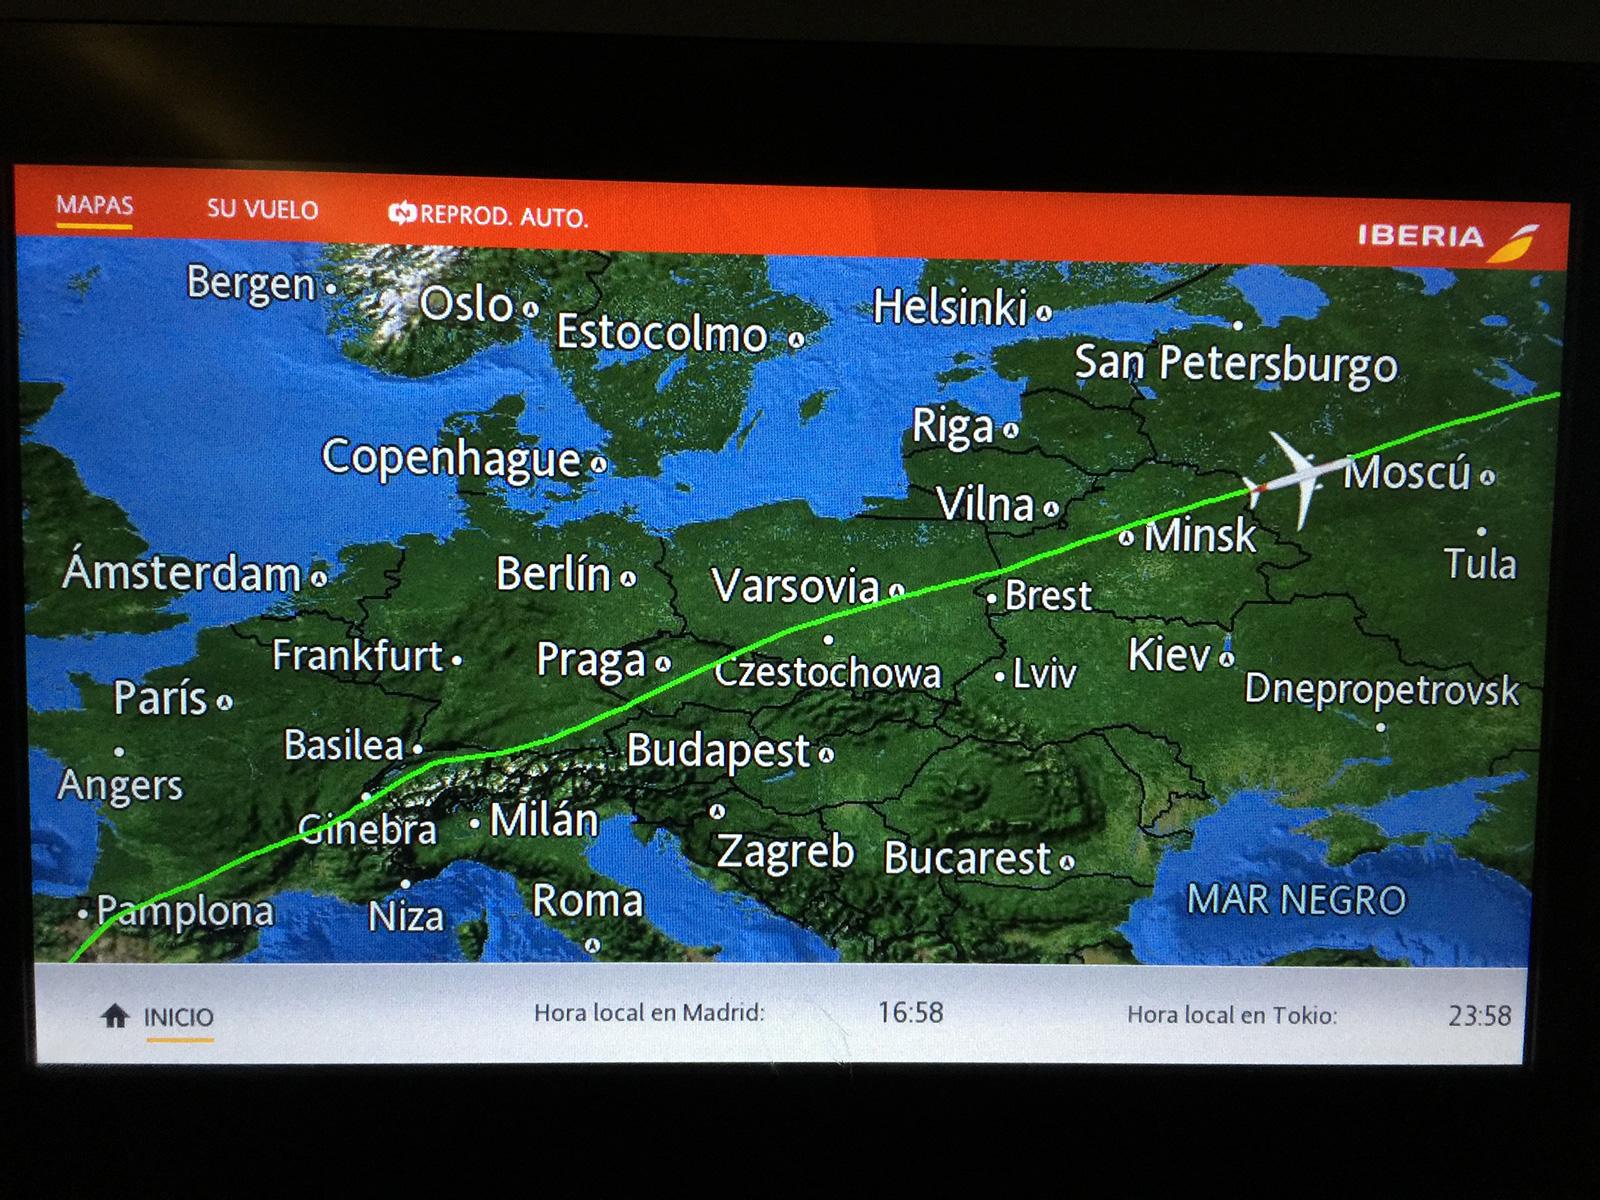 Ruta del Vuelo directo de Iberia a Tokio